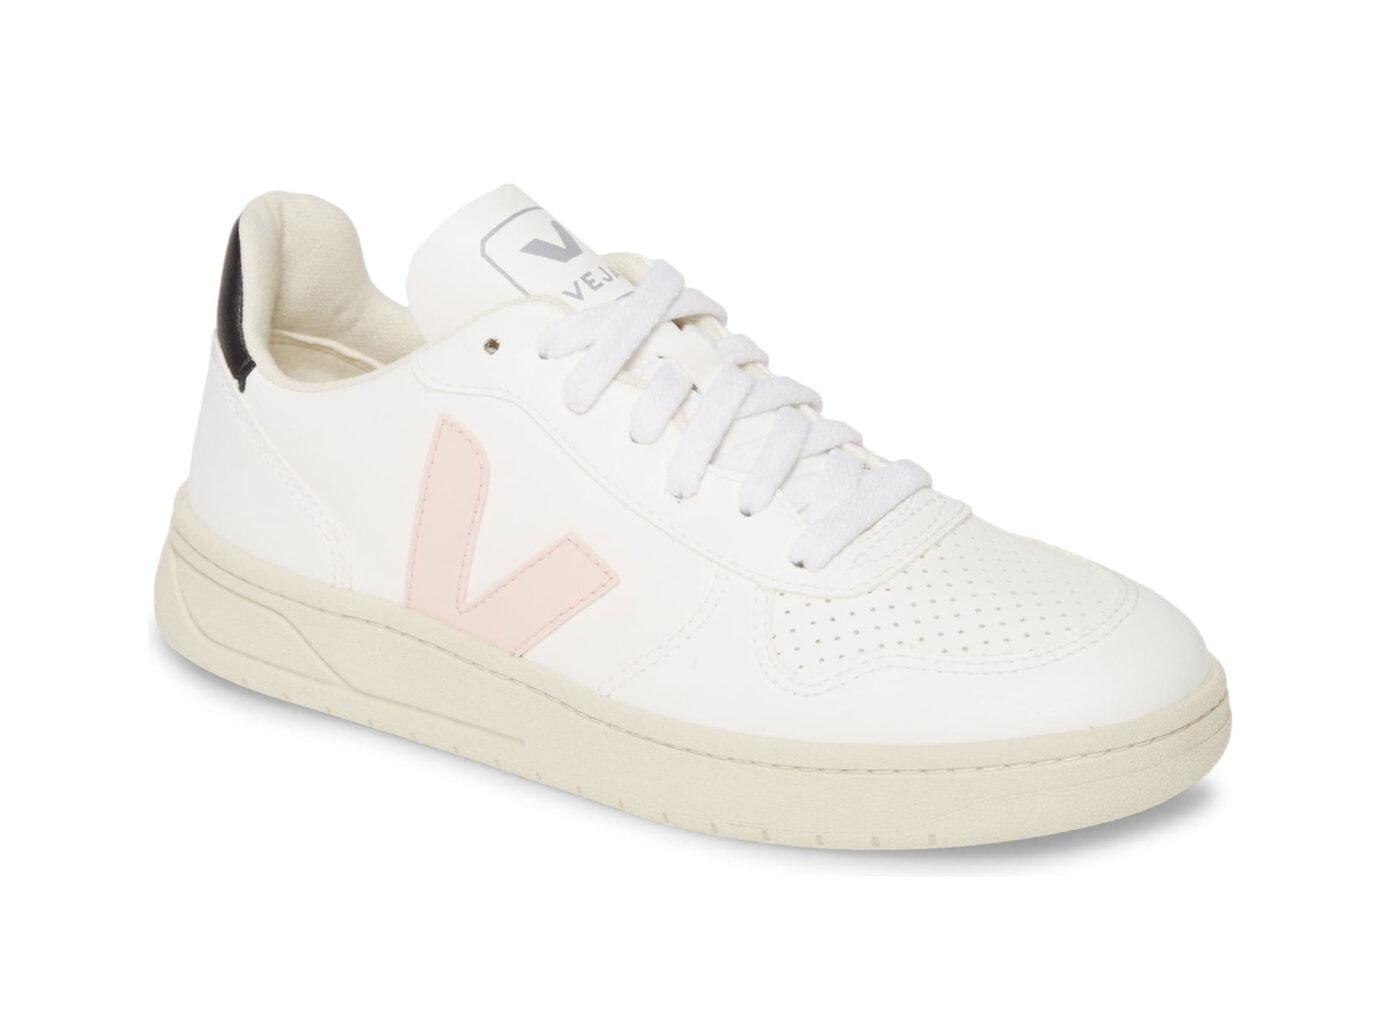 Veja V-10 Bastille Sneaker in White/Petale/Black